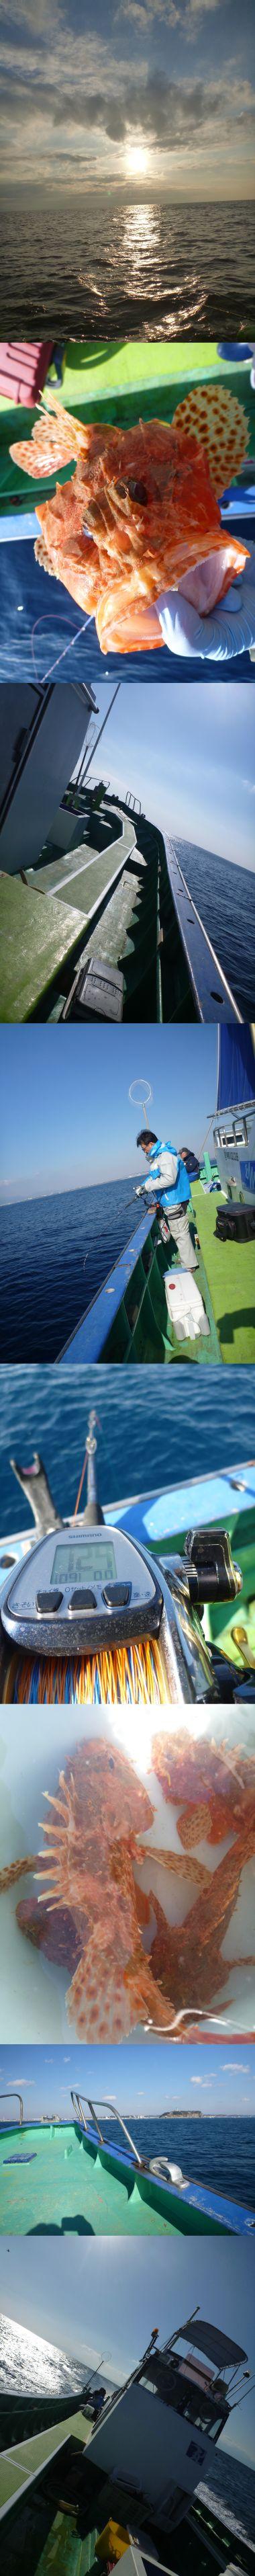 まなぶ丸でオニカサゴ釣り